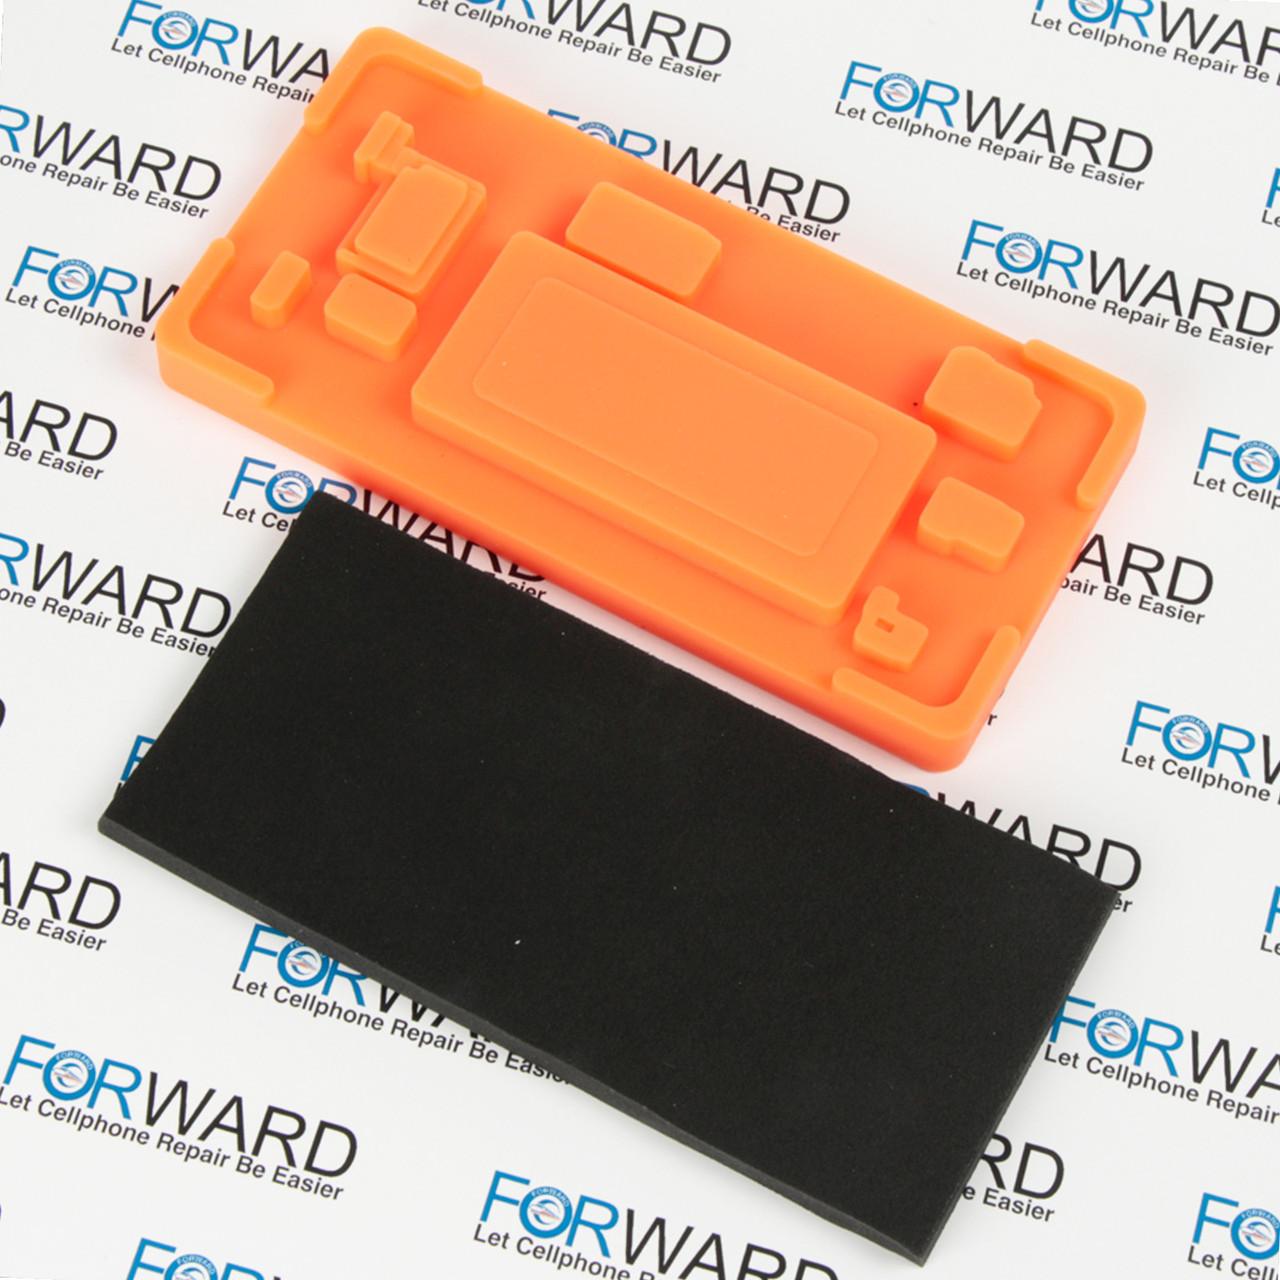 Формы для фиксации дисплея Samsung Galaxy S8, G950F силикон и пористая резина